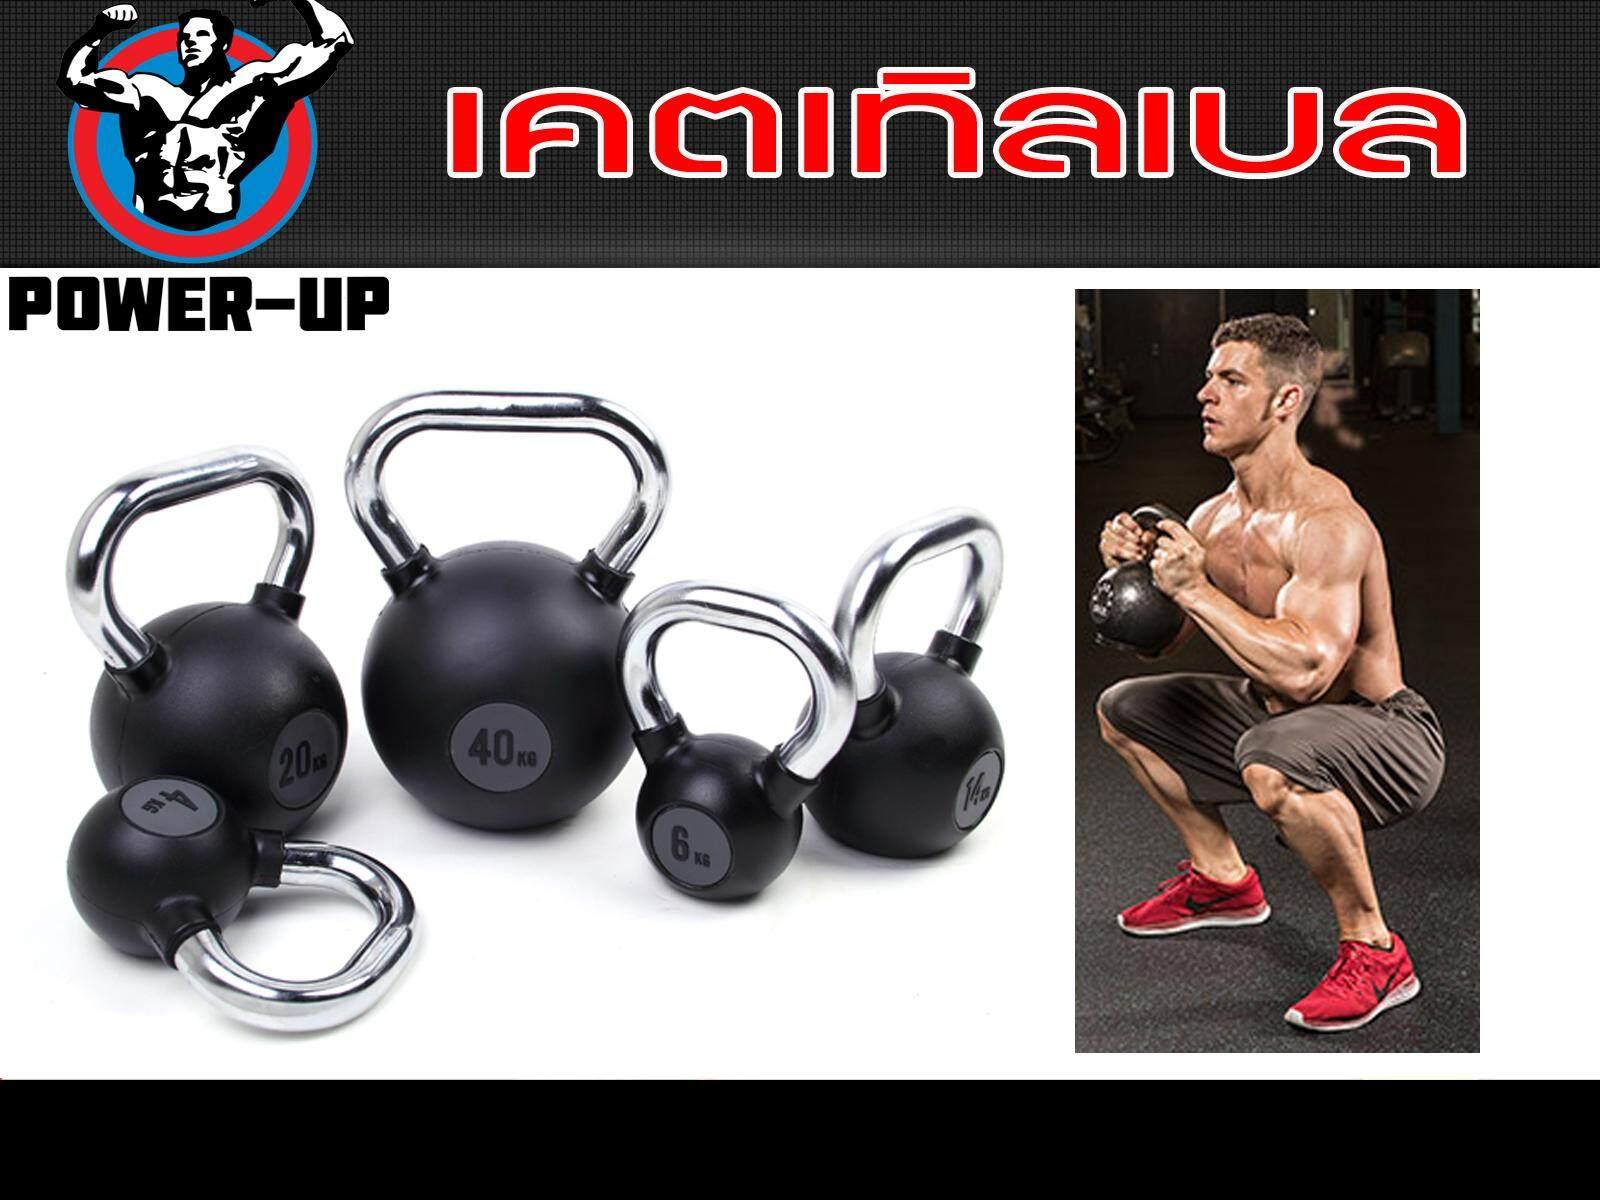 เคตเทิลเบล (kettlebell) เหล็กหล่อสำหรับยกน้ำหนักออกกำลังกายหุ้มด้วยยาง By Power-Up.